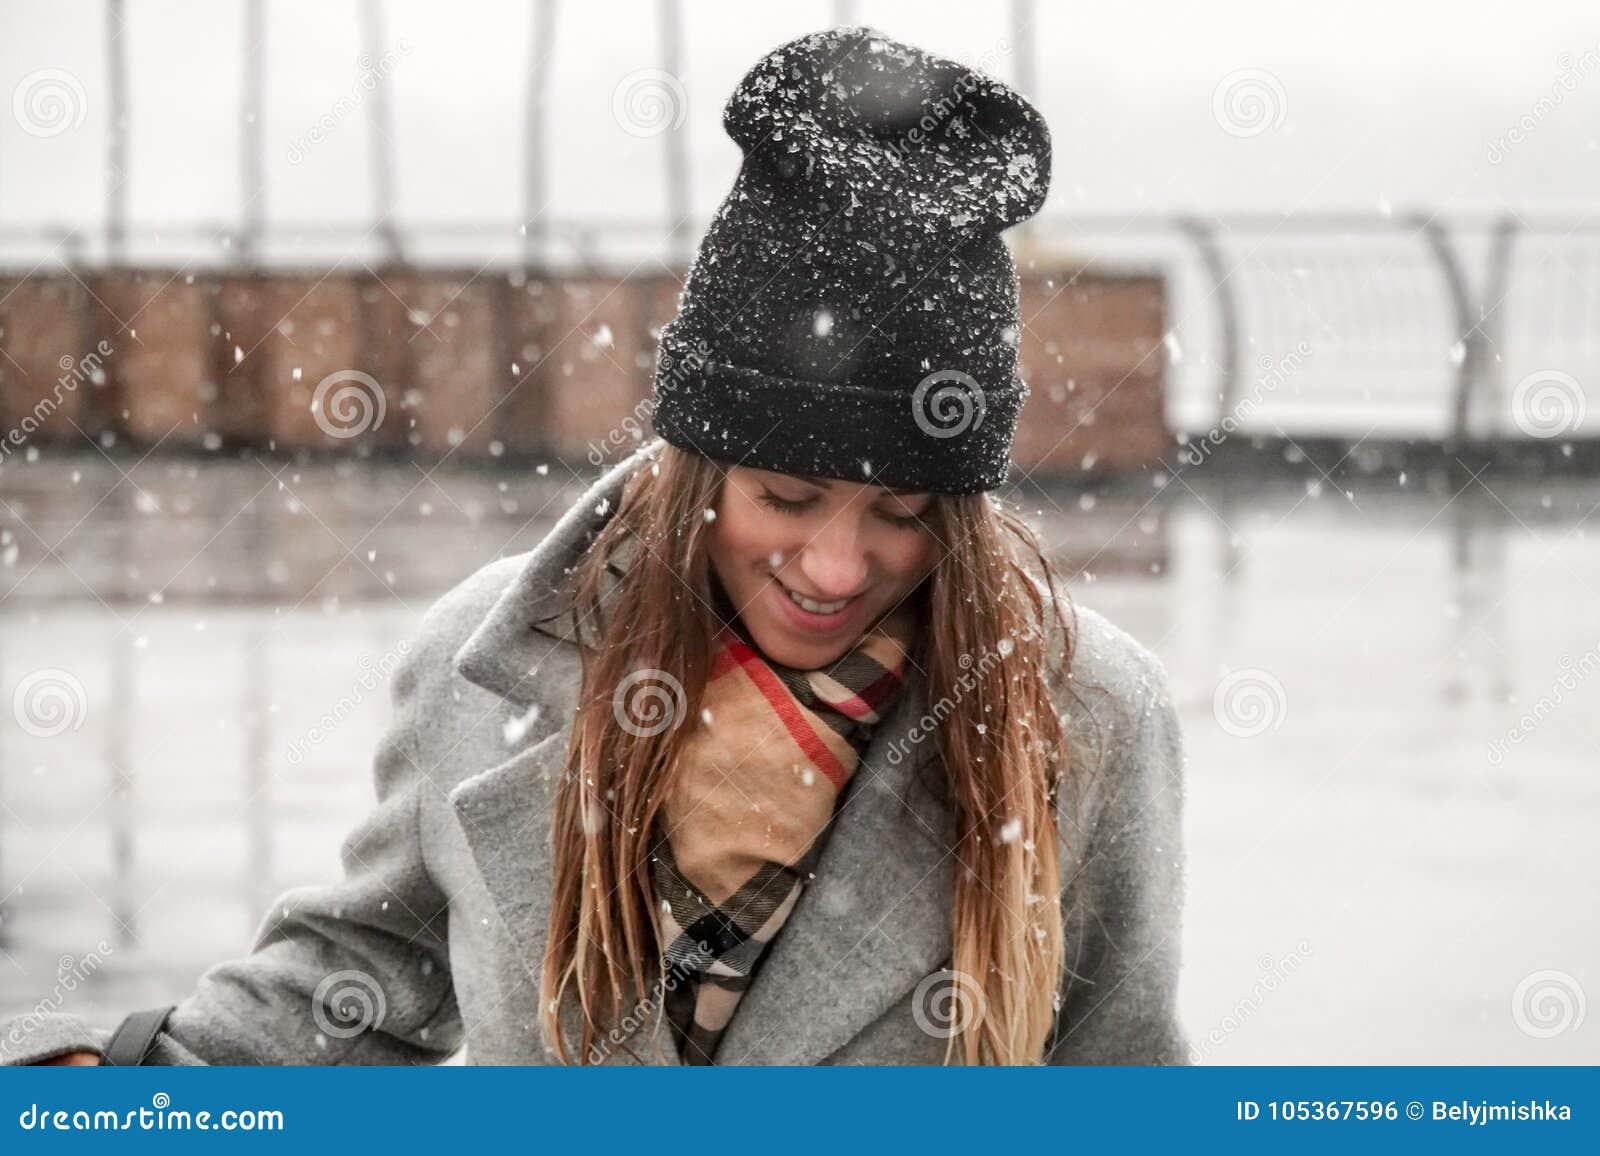 Πορτρέτο ενός κοριτσιού σε ένα καπέλο και ένα γκρίζο παλτό